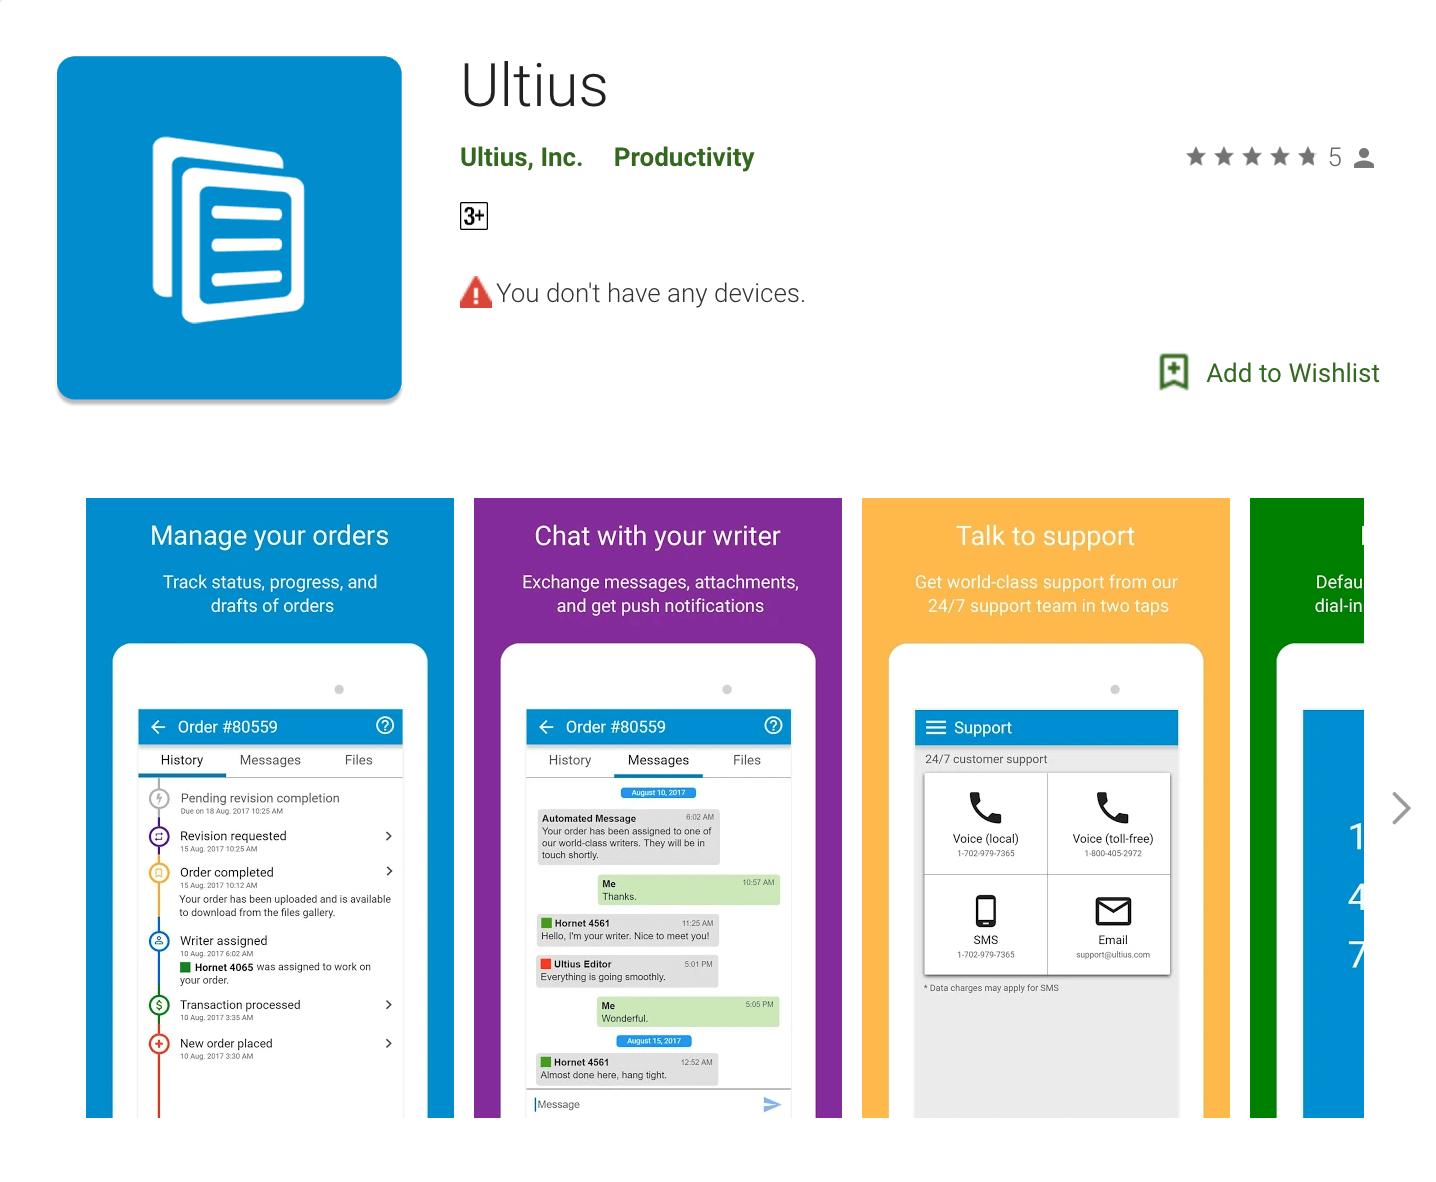 Ultius.com mobile app